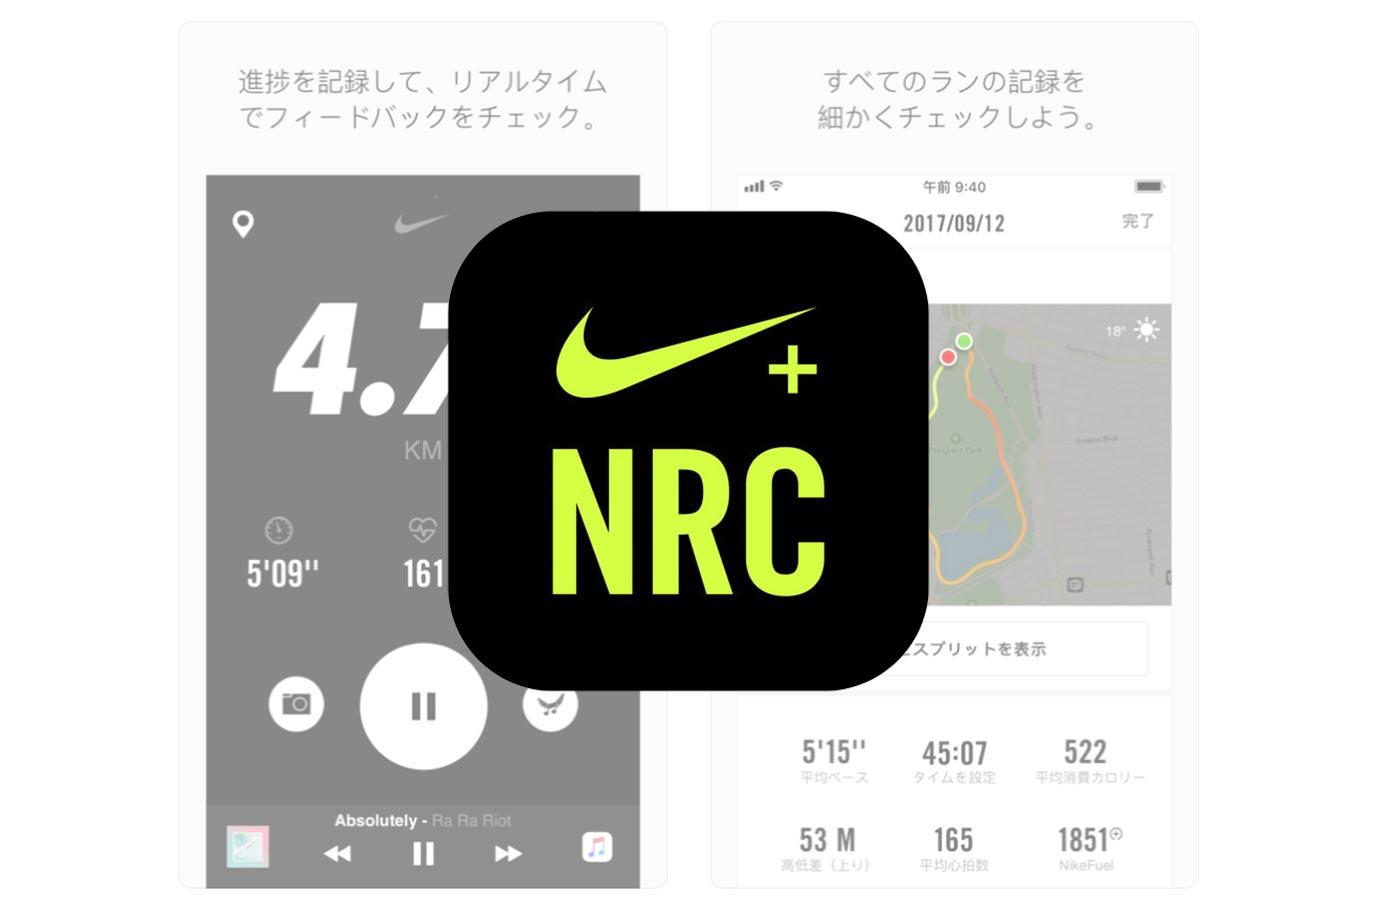 iOSアプリ「Nike+ Run Club」がアップデート、チャレンジモードが追加